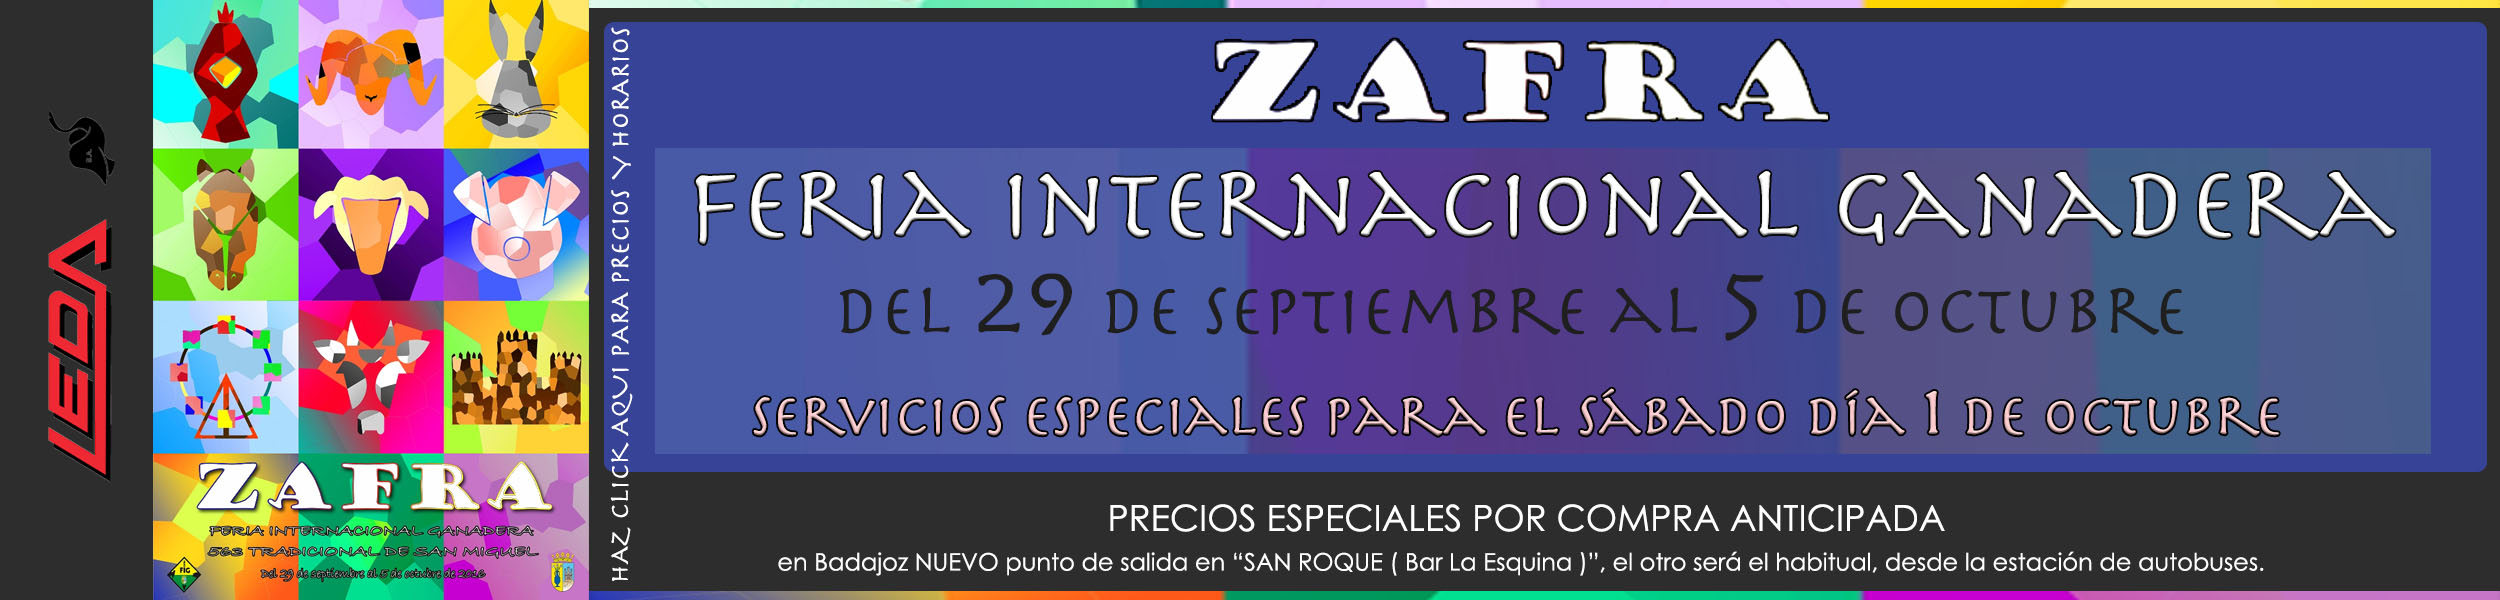 Feria de Zafra 2016 LEDA